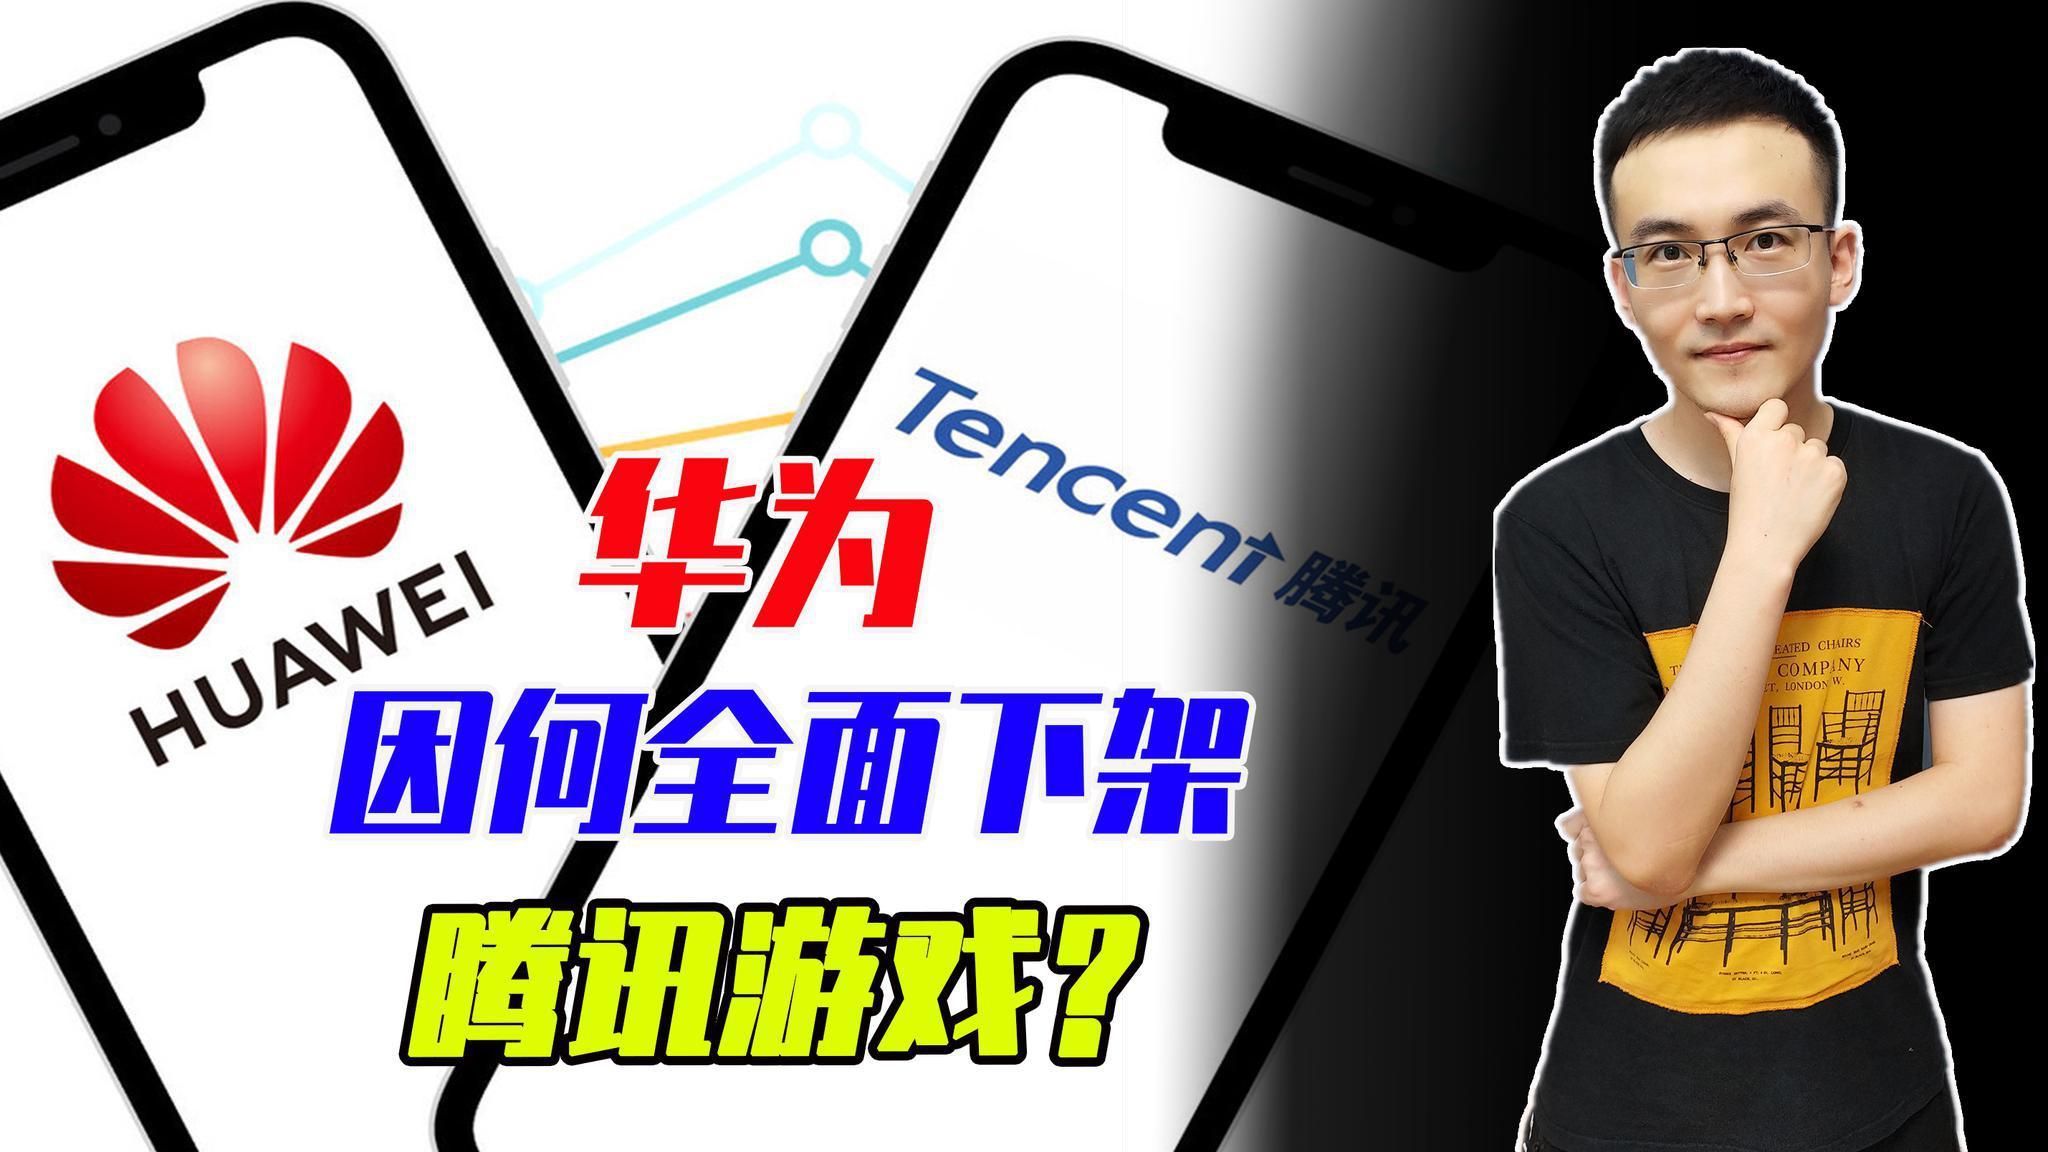 2021年刚开始,华为宣布全面下架腾讯游戏,所谓何事?